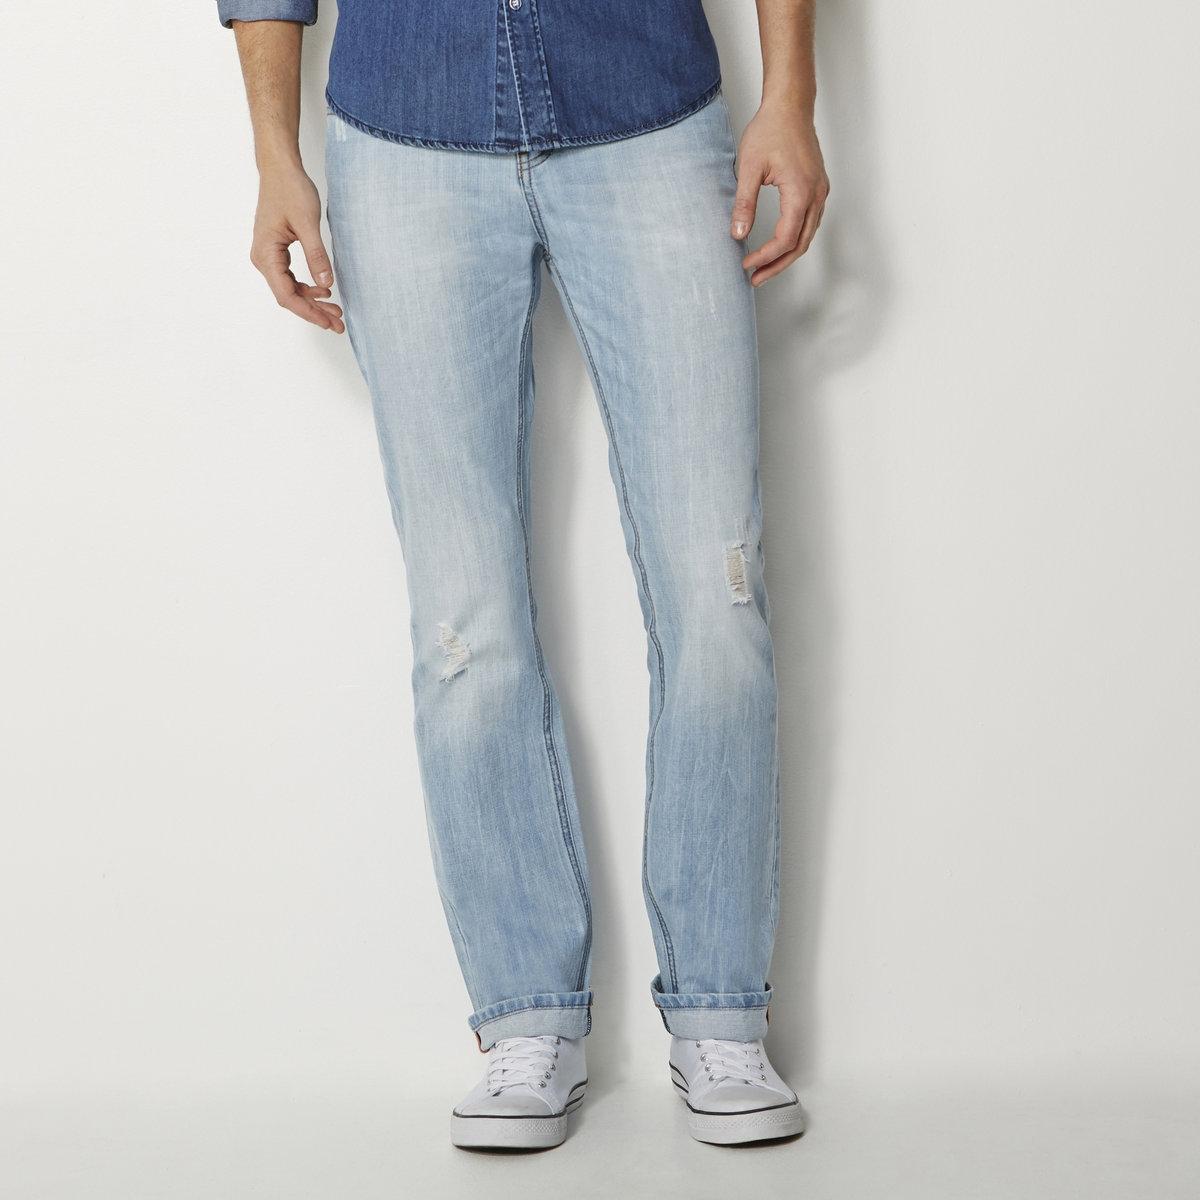 Джинсы свободныеСвободные джинсы, широкий покрой, 5 карманов, стильные светлые потертости. Застежка на болты. Декоративная нашивка из кожи на поясе. 100% хлопка.Длина 34. Длина по внутр.шву 86 см: на рост от 176 см.Машинная стирка при 30°.<br><br>Цвет: выбеленный<br>Размер: 36 (FR) - 42 (RUS)